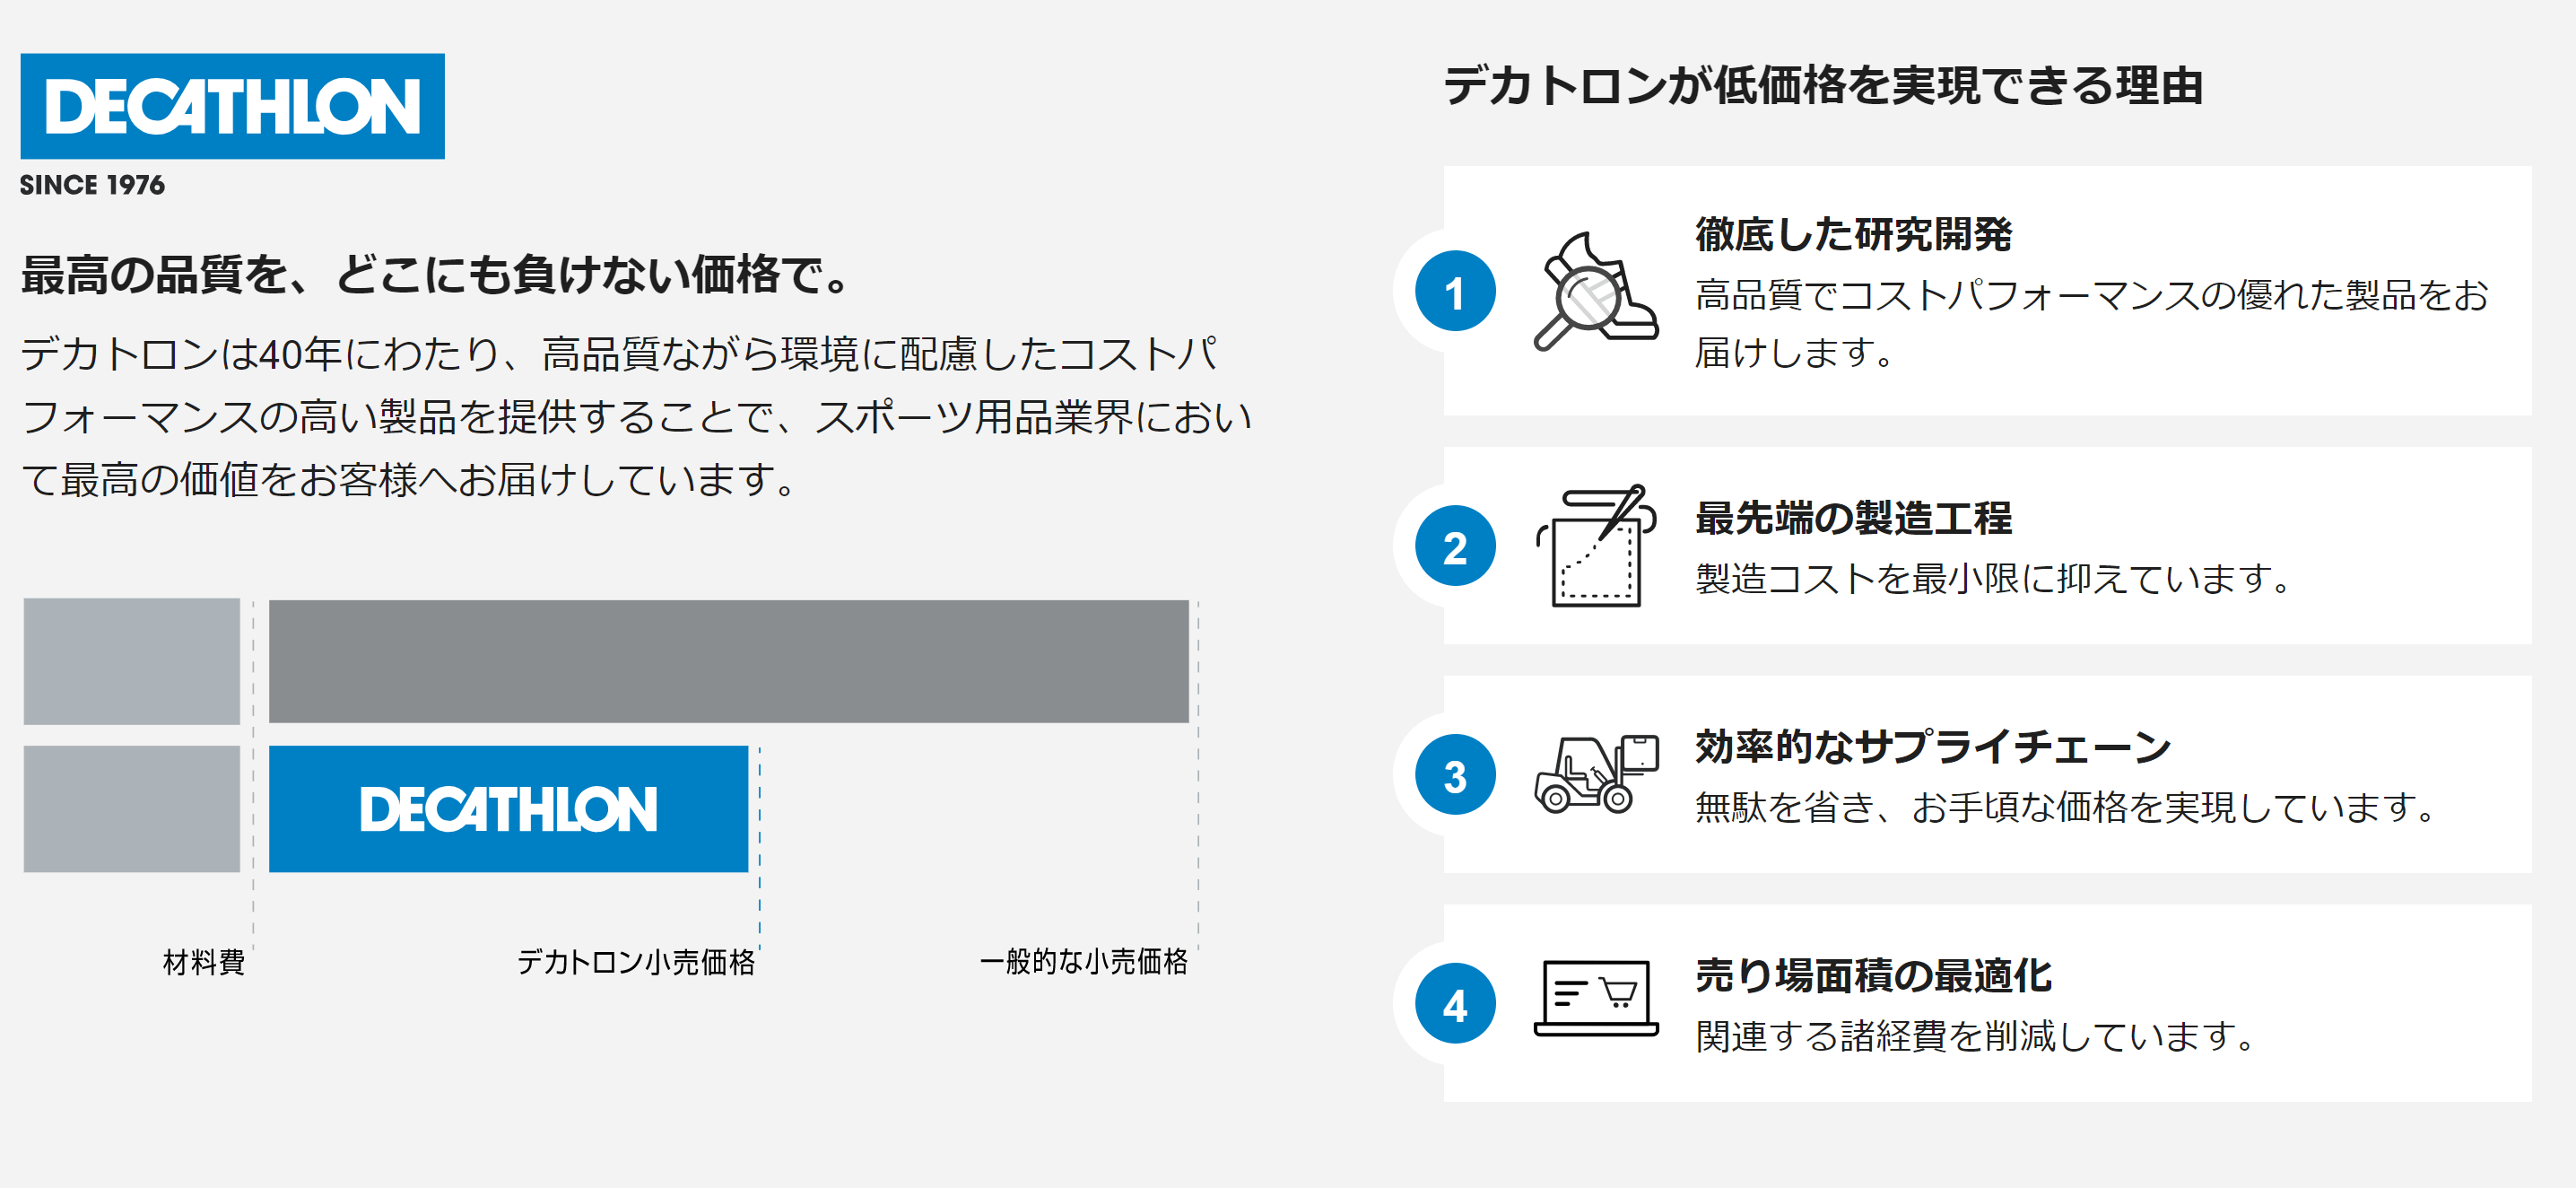 デカトロンで1000円割引クーポンコードの入手方法と使い方